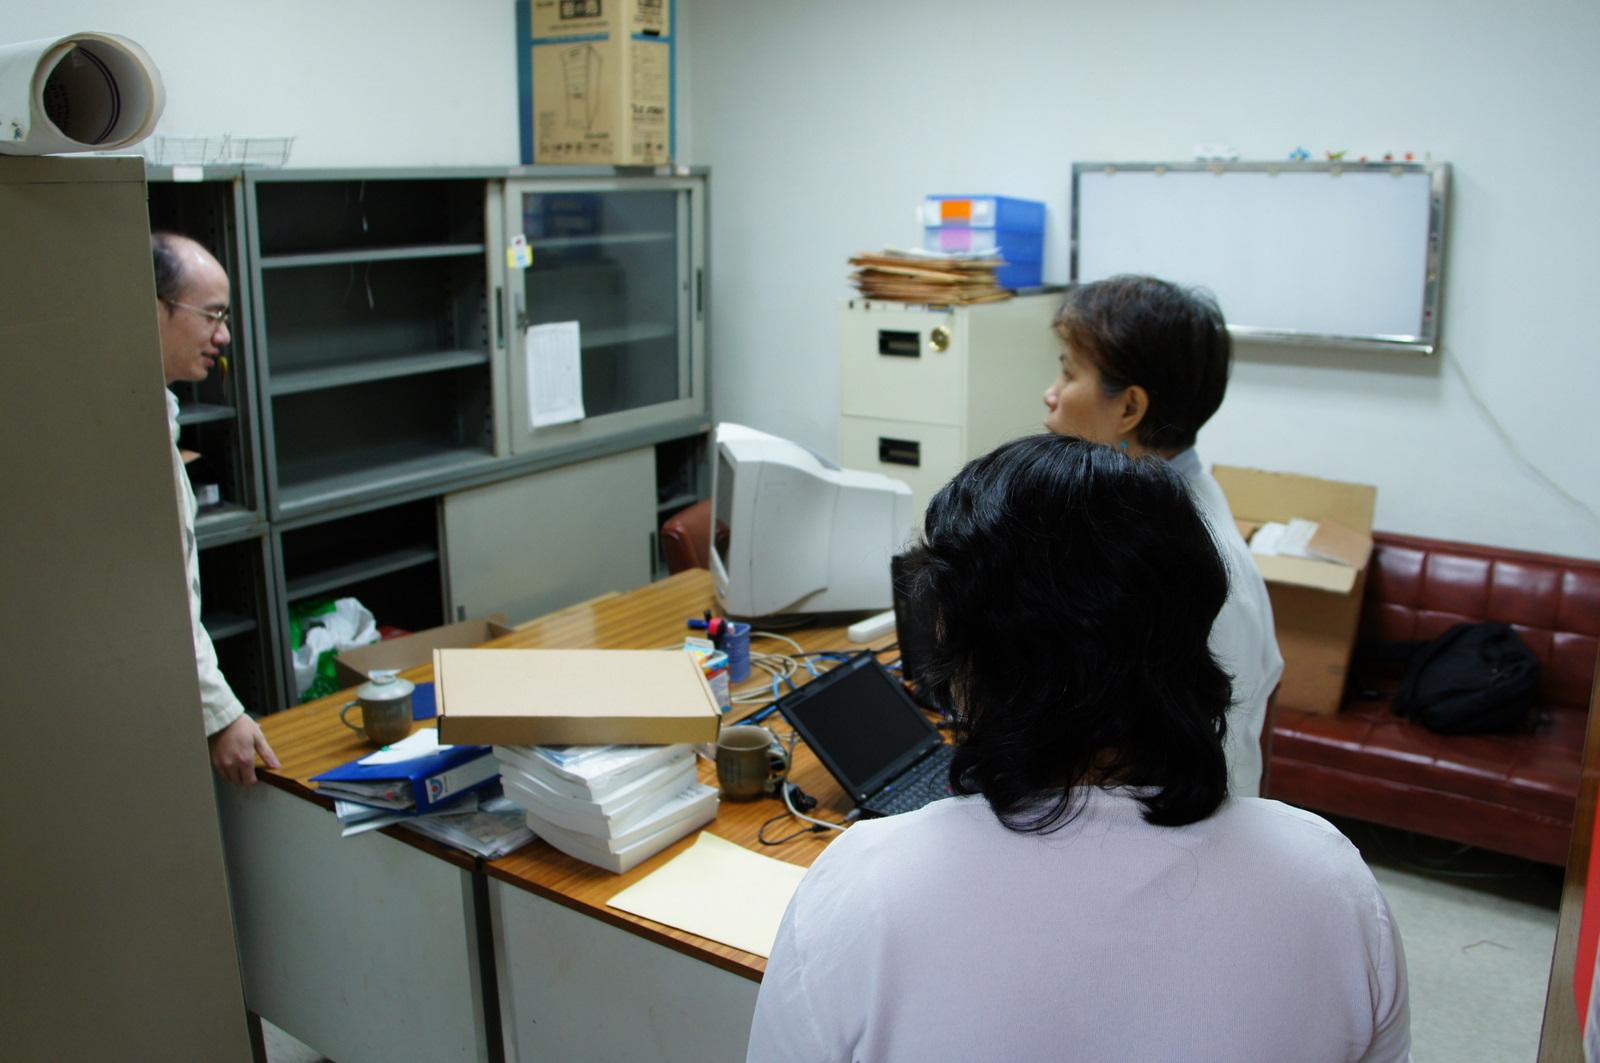 長庚分子影像 - 2010-11-08 林口核醫科辦公室拆遷